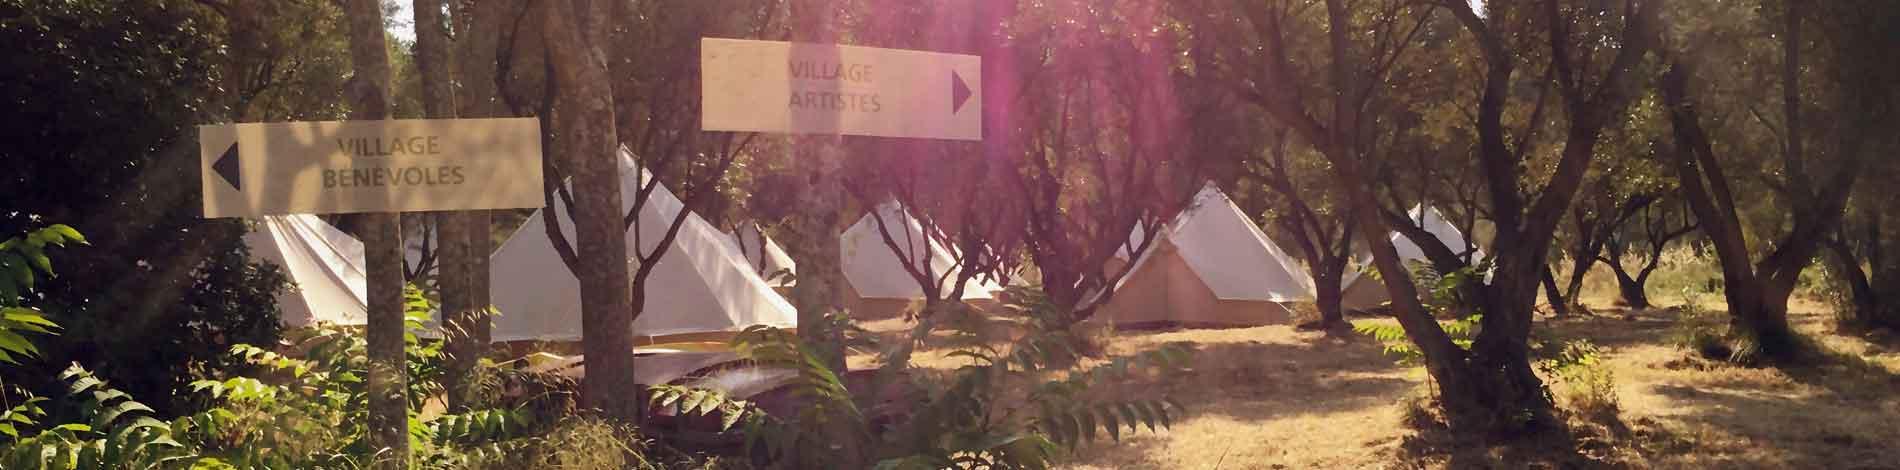 location de tentes pour festival